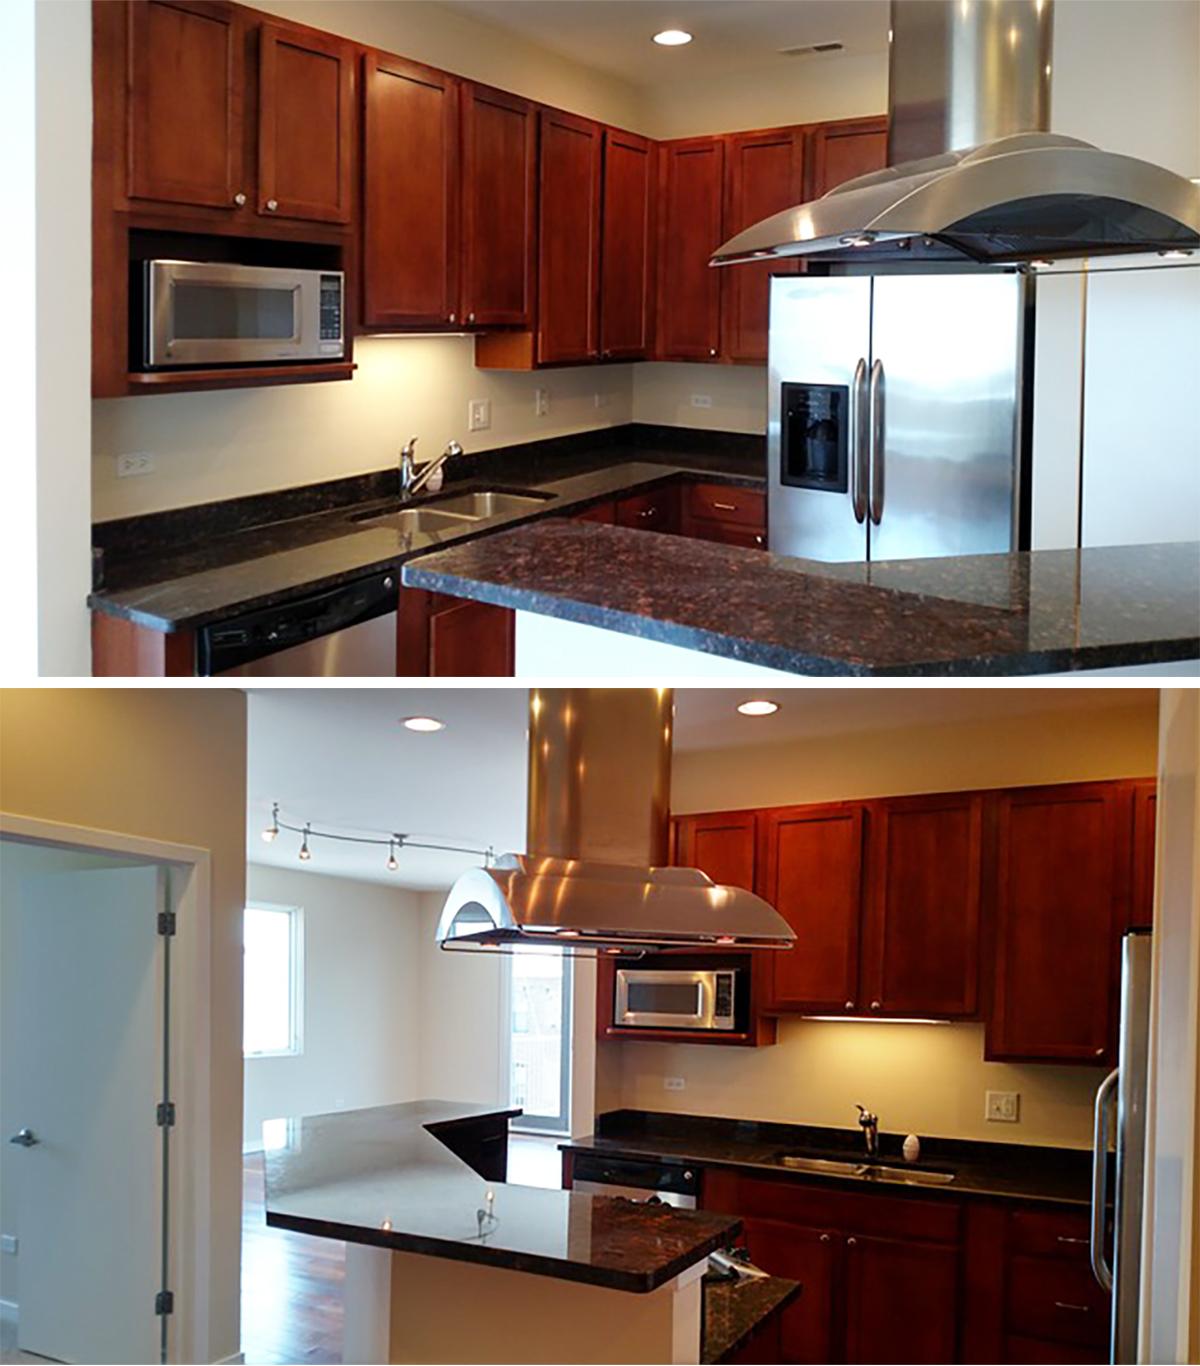 3021 Armitage_kitchen before.jpg